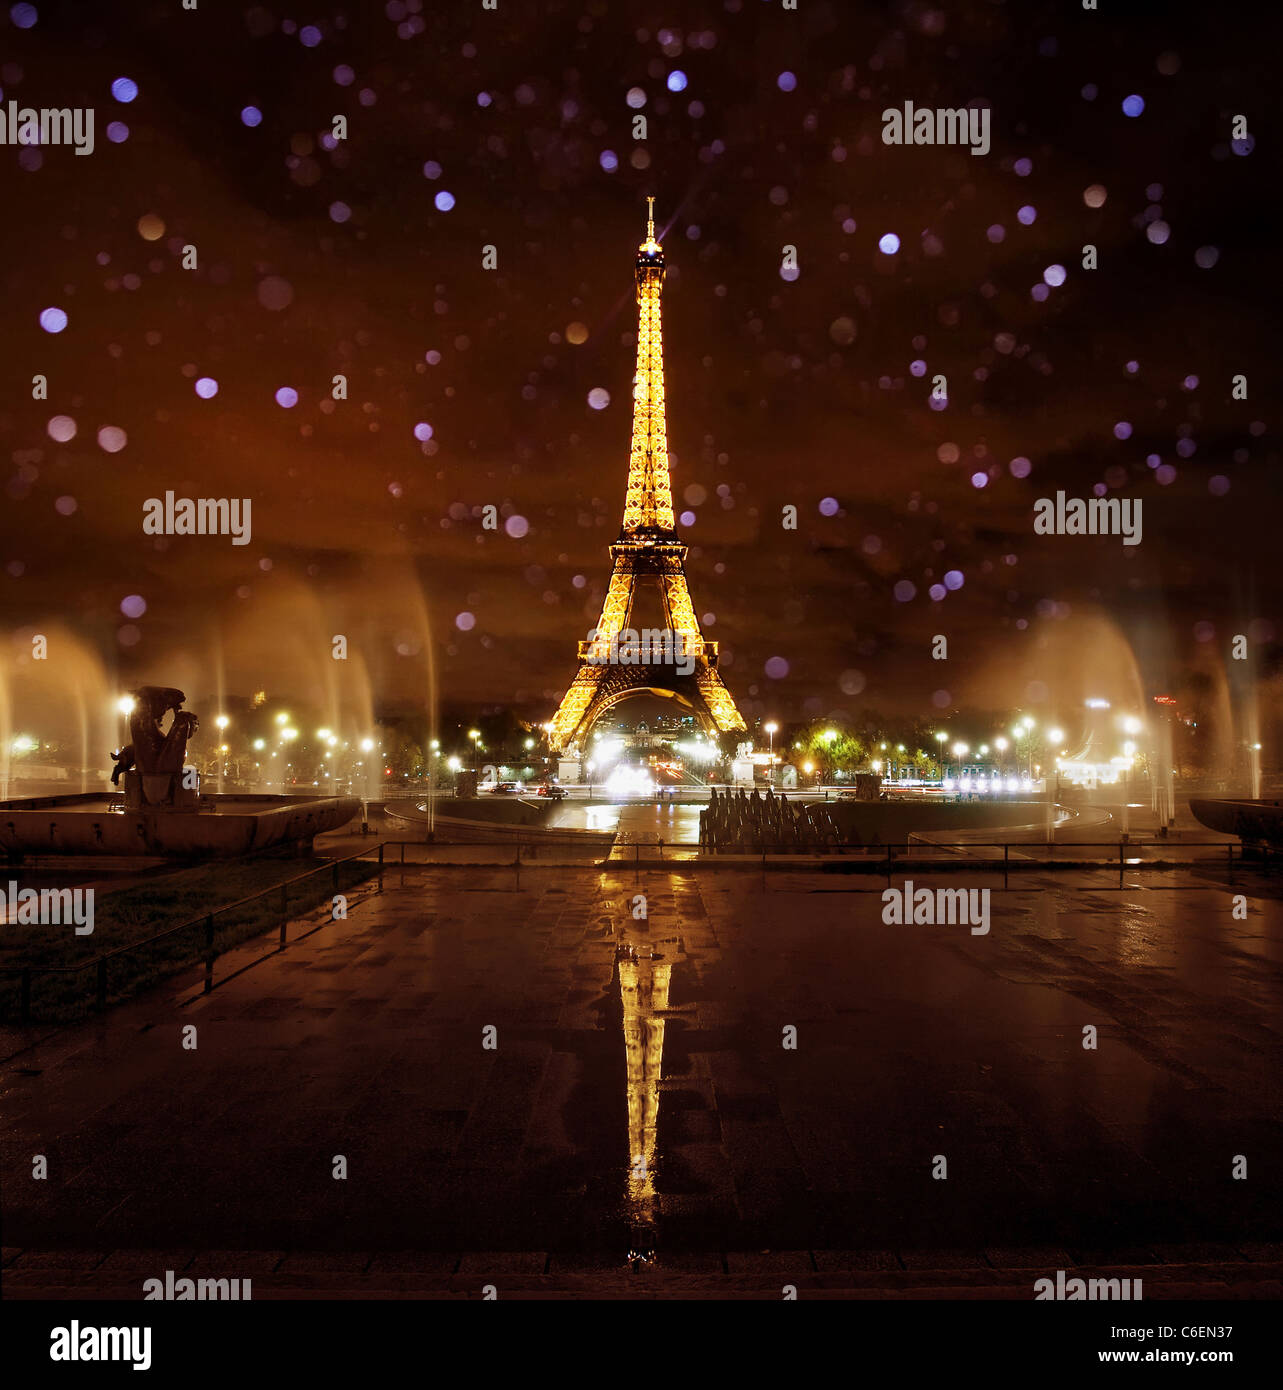 La Tour Eiffel éclairée la nuit, Paris Photo Stock